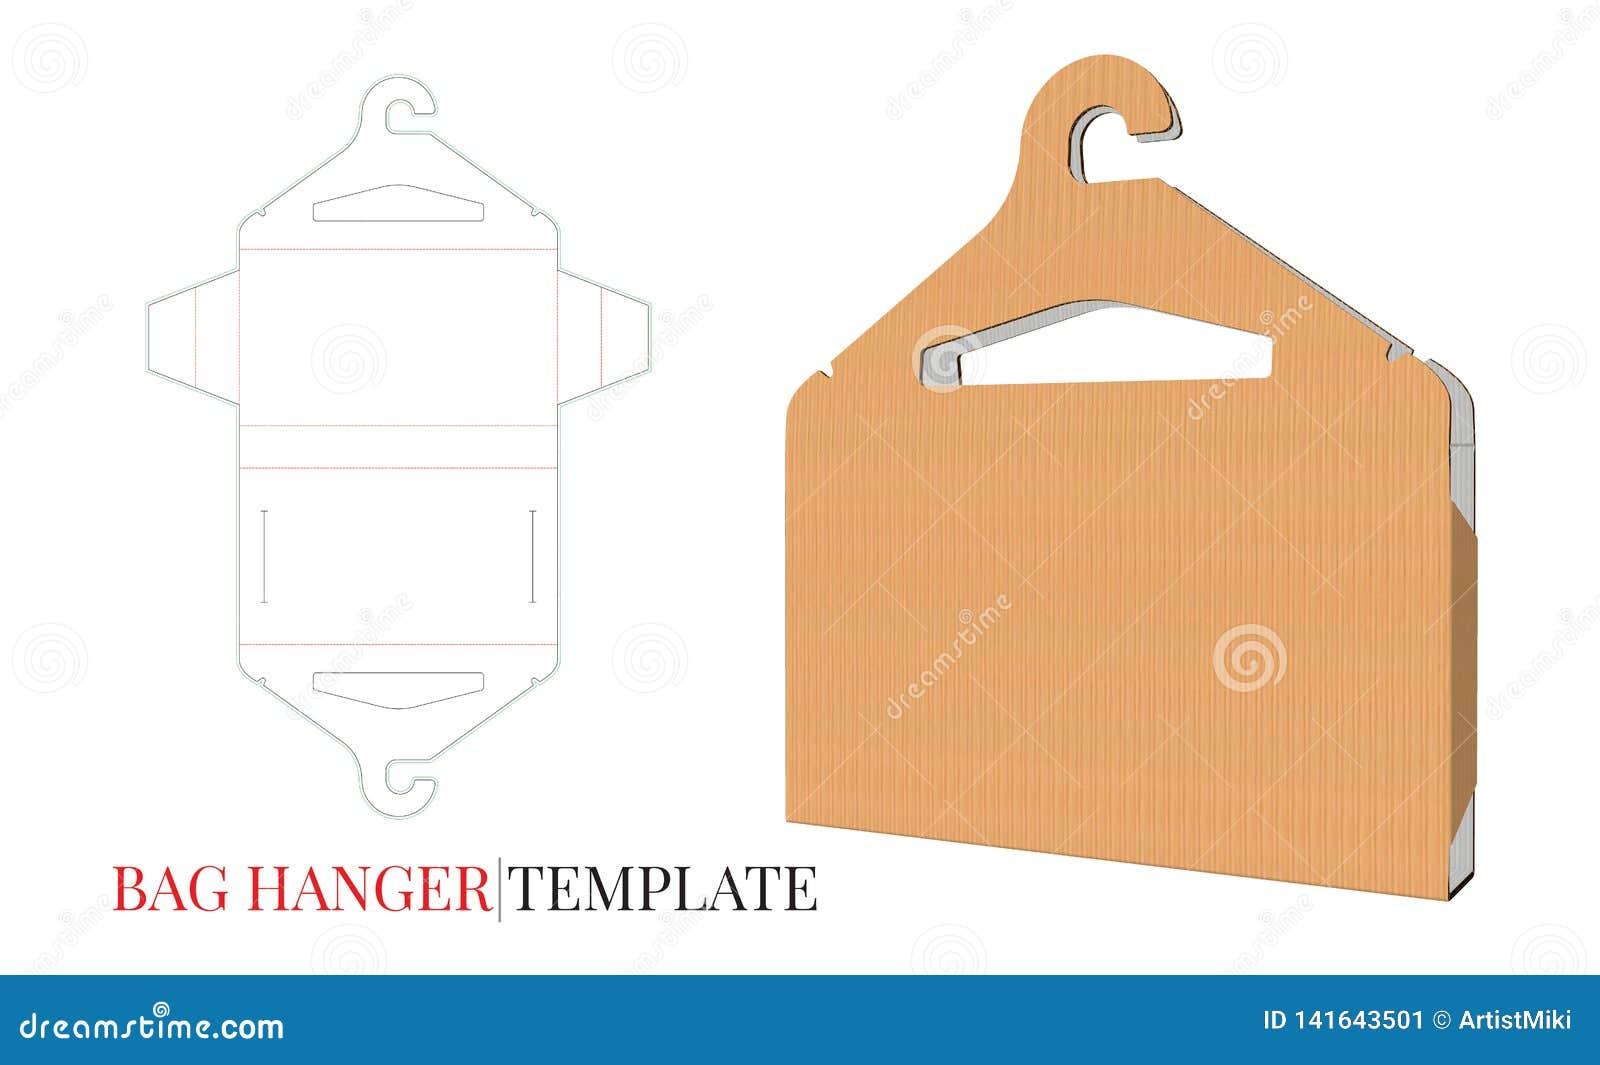 Κρεμάστρα υφασμάτων και πρότυπο τσαντών υφασμάτων Διάνυσμα με τα τεμαχισμένα/στρώματα περικοπών λέιζερ Κιβώτιο και κρεμάστρα τσαν